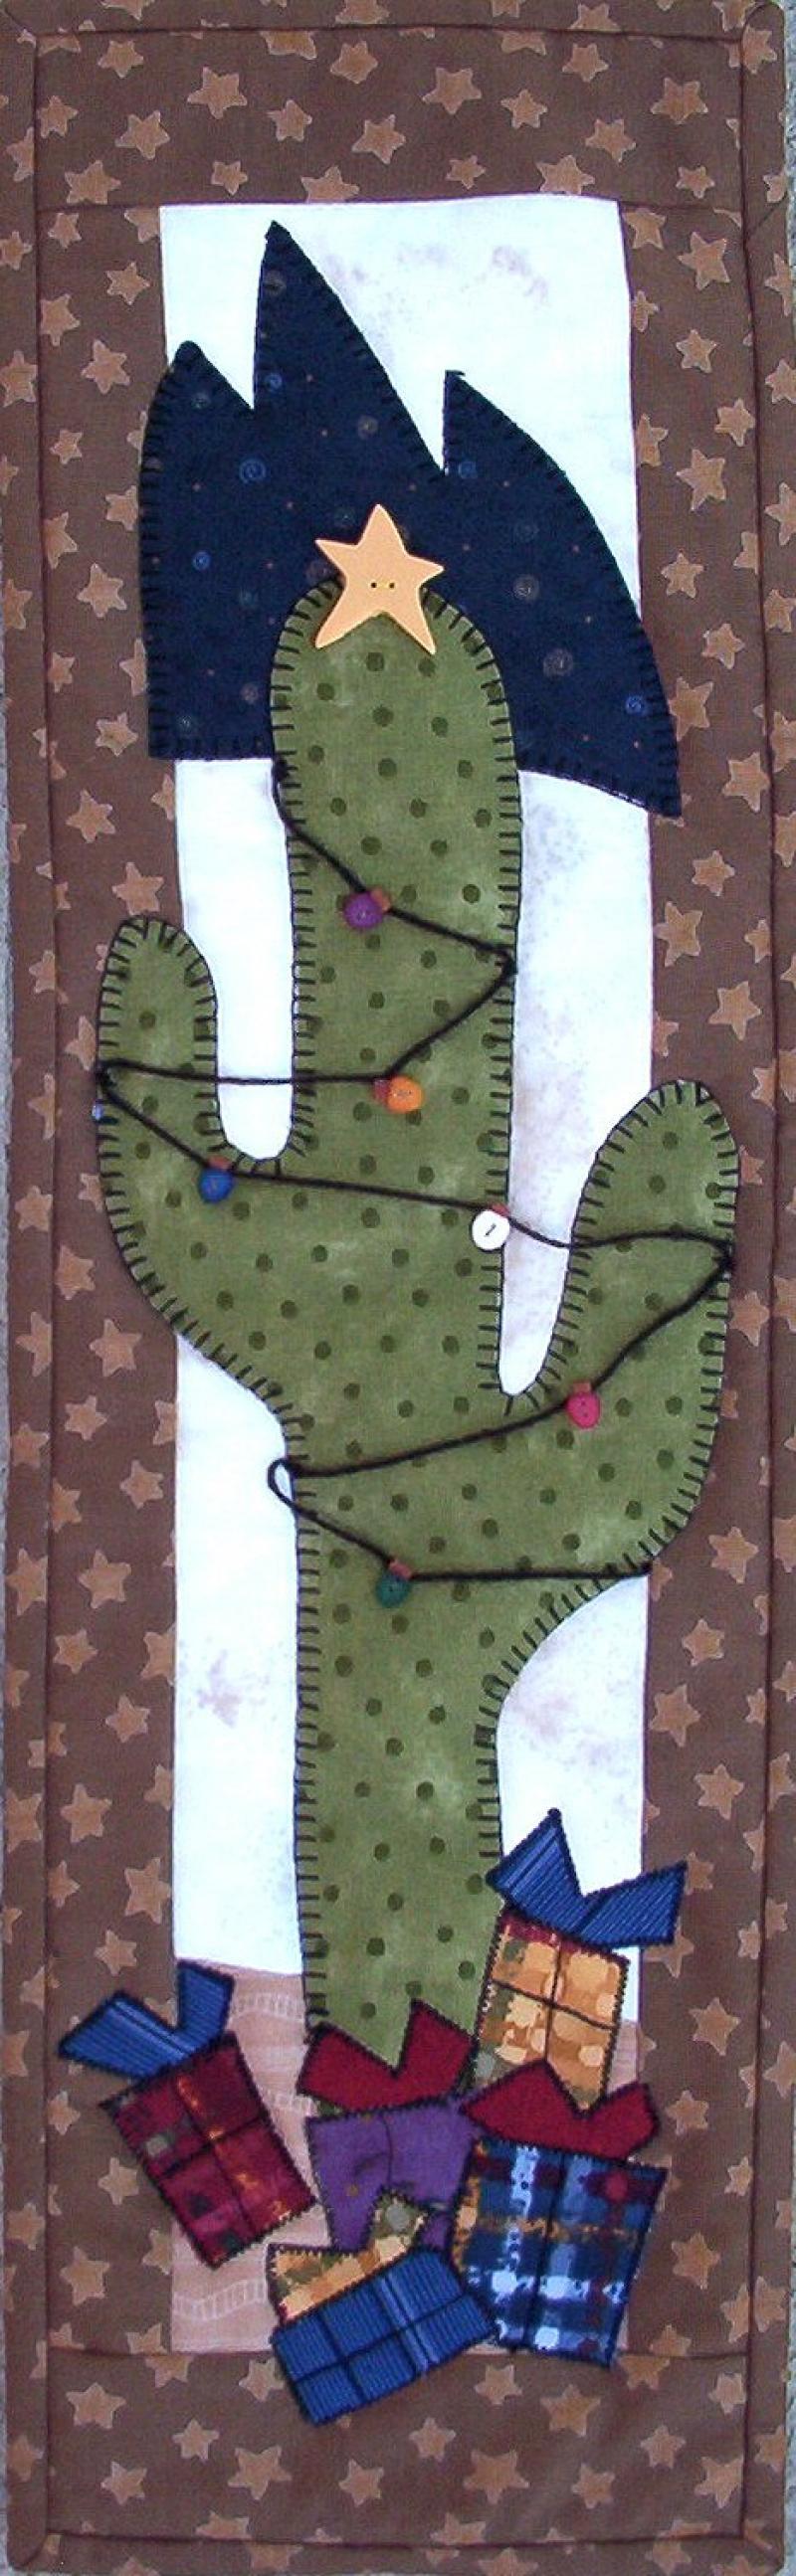 P55 Christmas Cactus